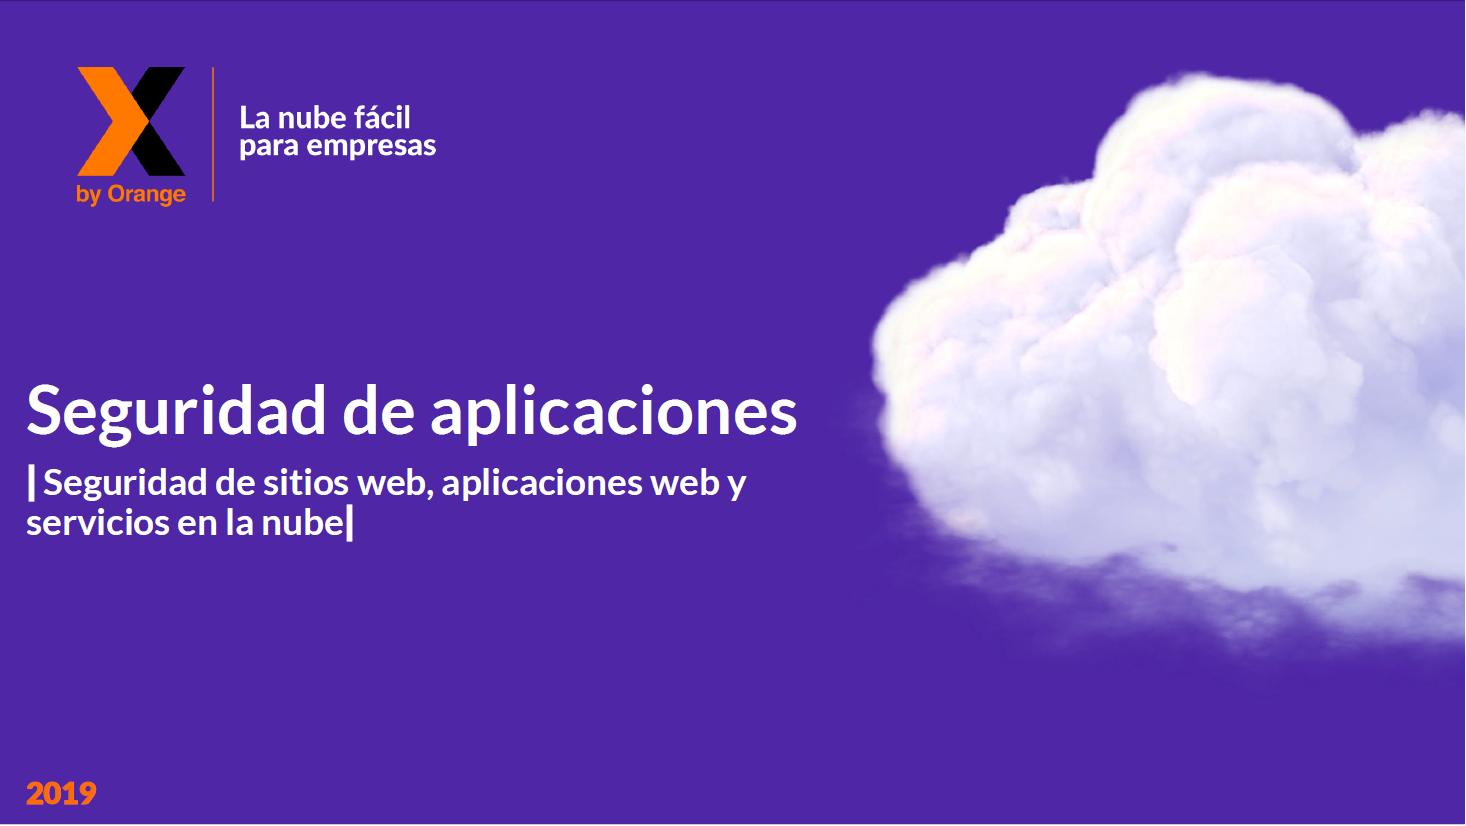 Seguridad de aplicaciones: Sitios web, aplicaciones web y servicios en la nube.